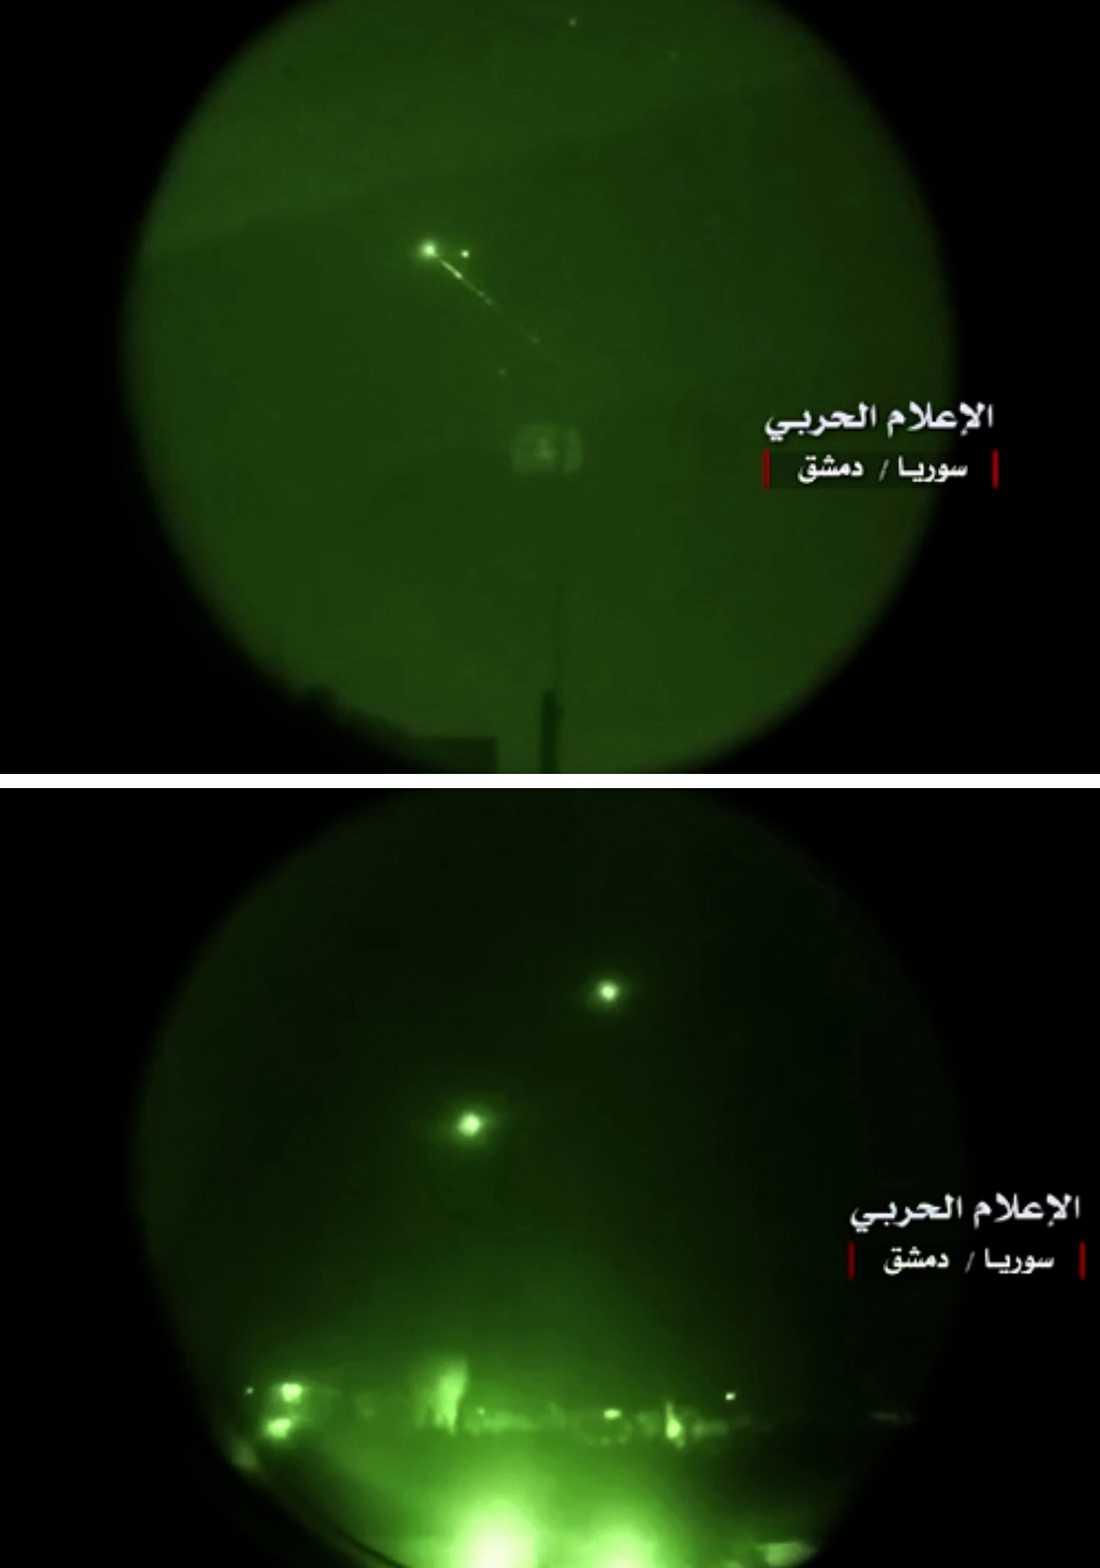 En bild som Syriska försvarsdepartementet släpps visar försvarseld från Syrien.